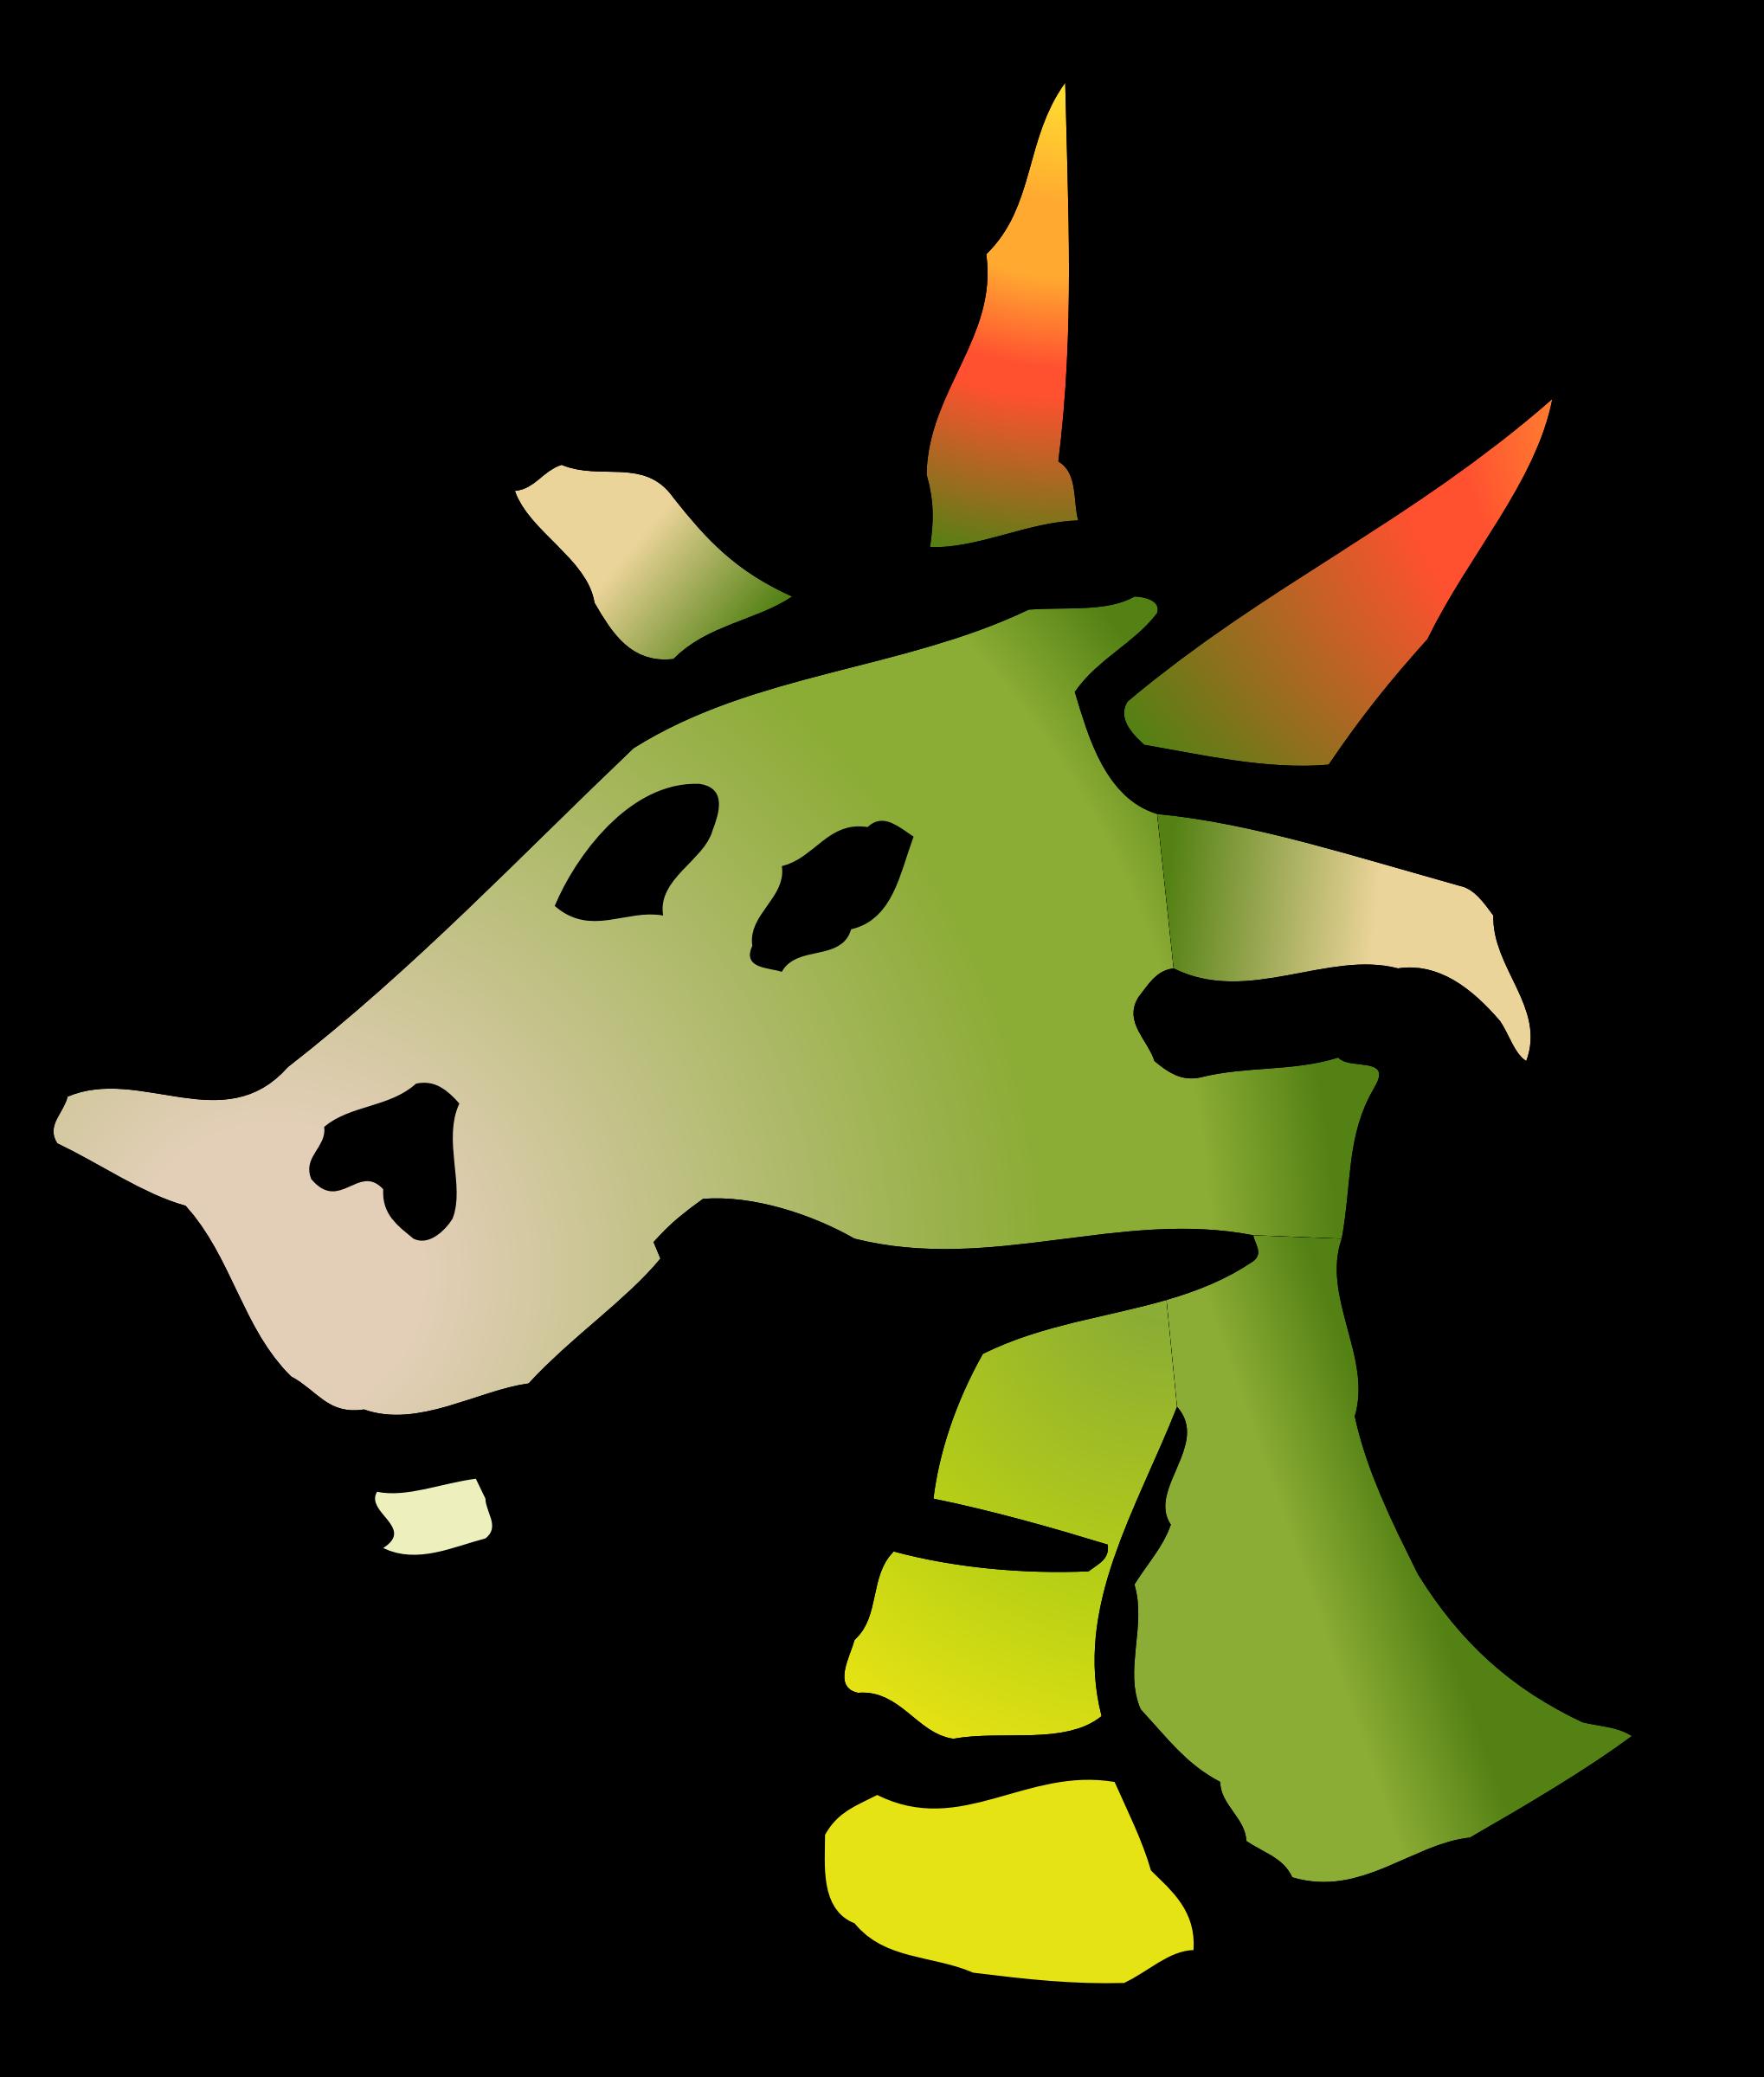 Clipart - dragon icon